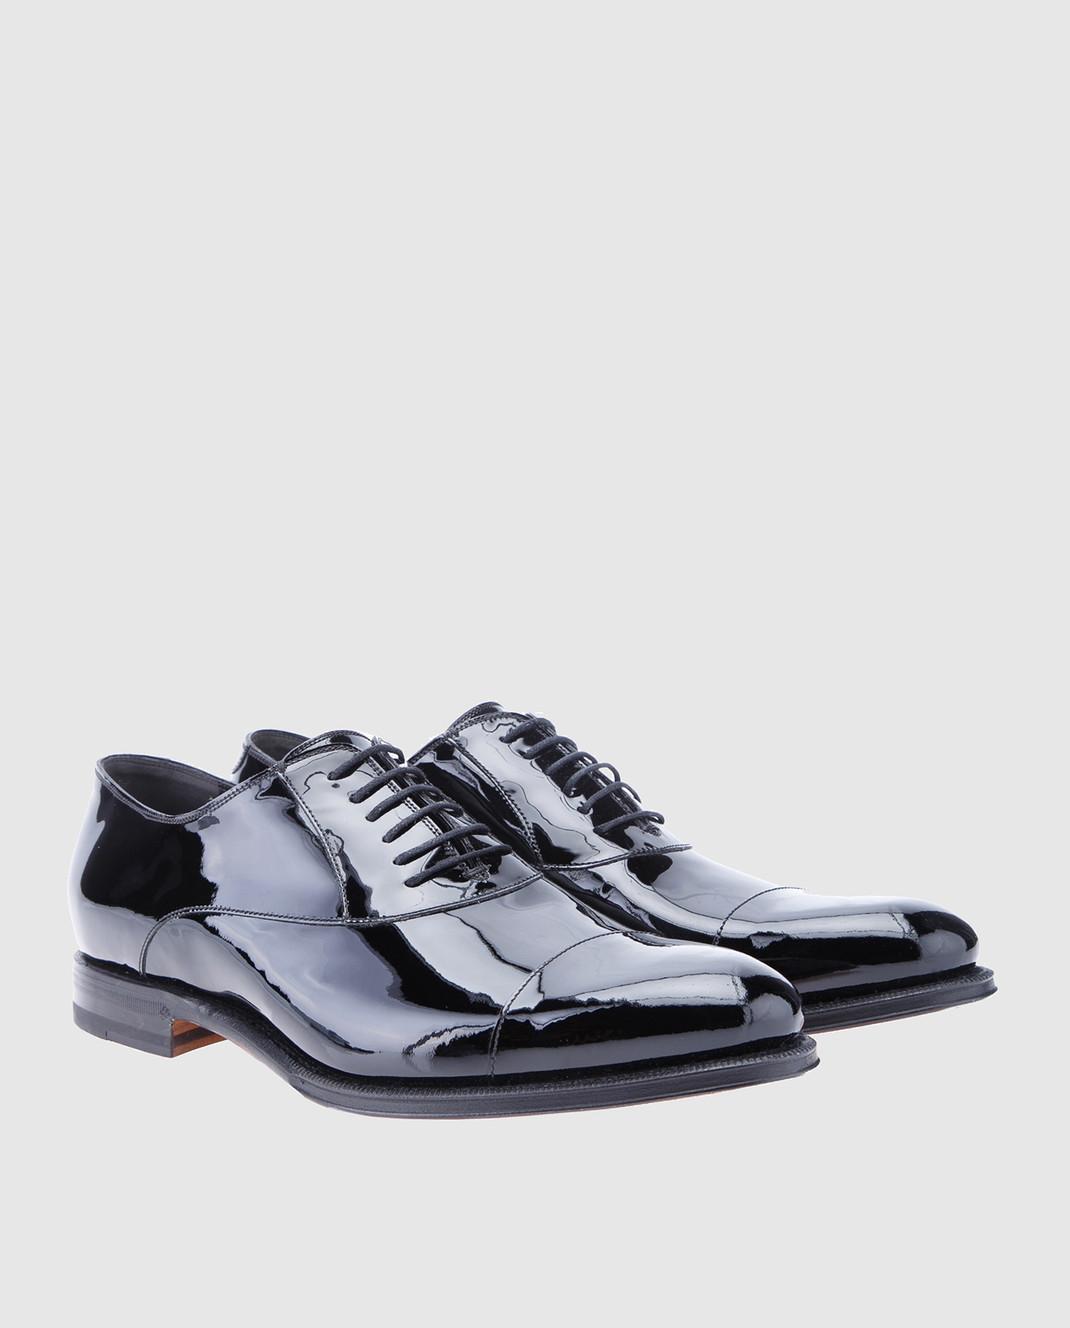 Gucci Черные кожаные оксфорды 457144BNCR0 изображение 2